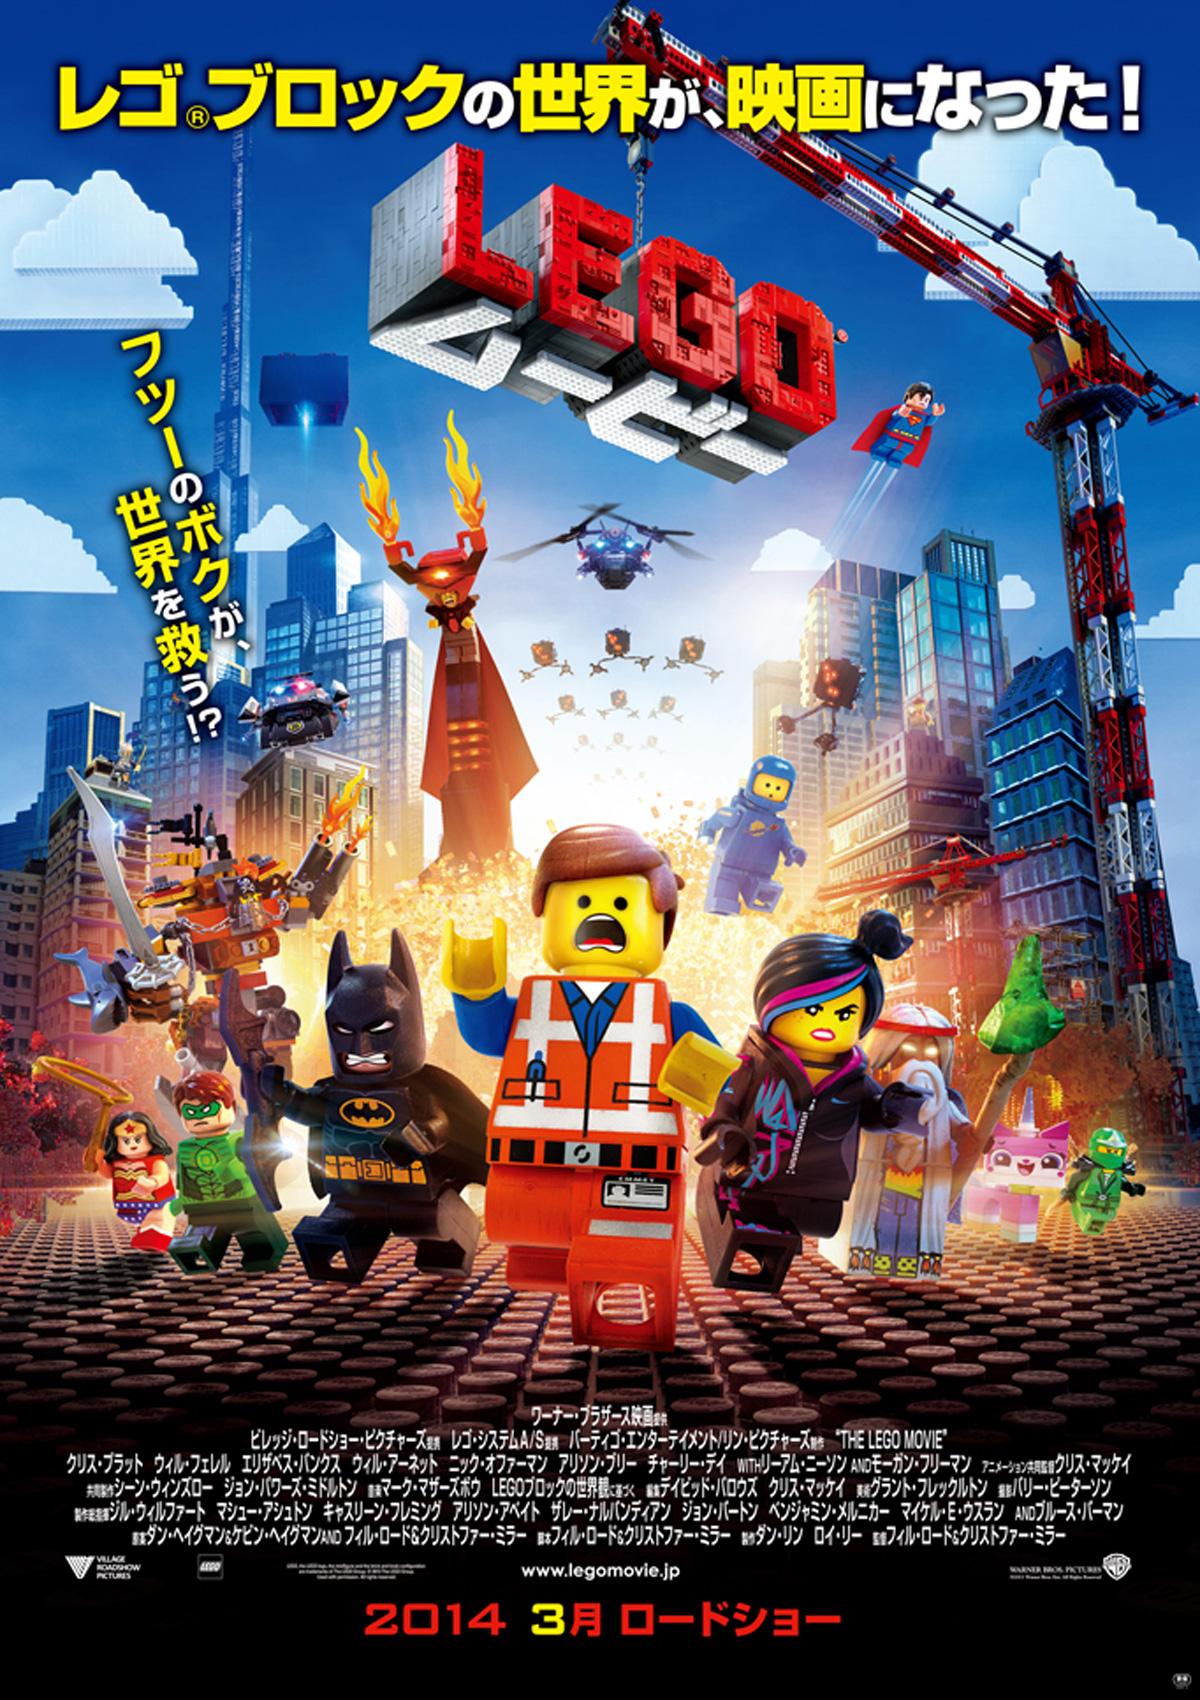 【LEGO®ムービー】マニュアル化された社会に喝を!大人のためのレゴ映画(感想)